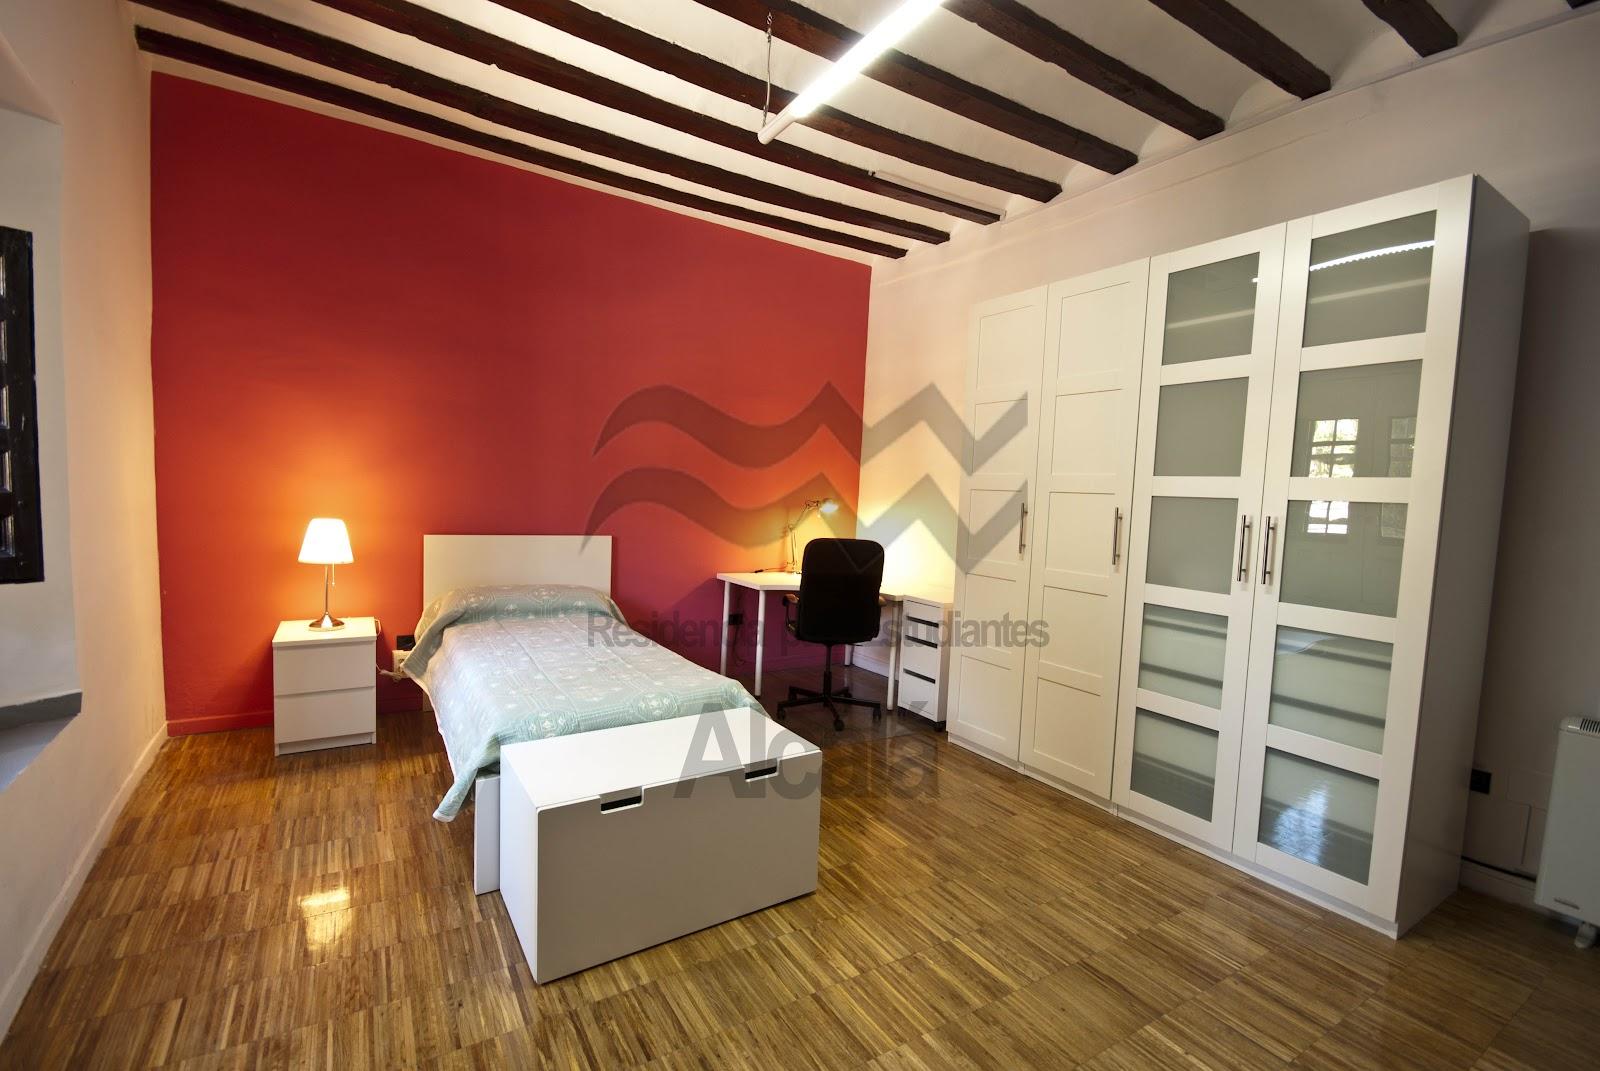 Residencia para estudiantes en alcal de henares for Residencia canina alcala de henares